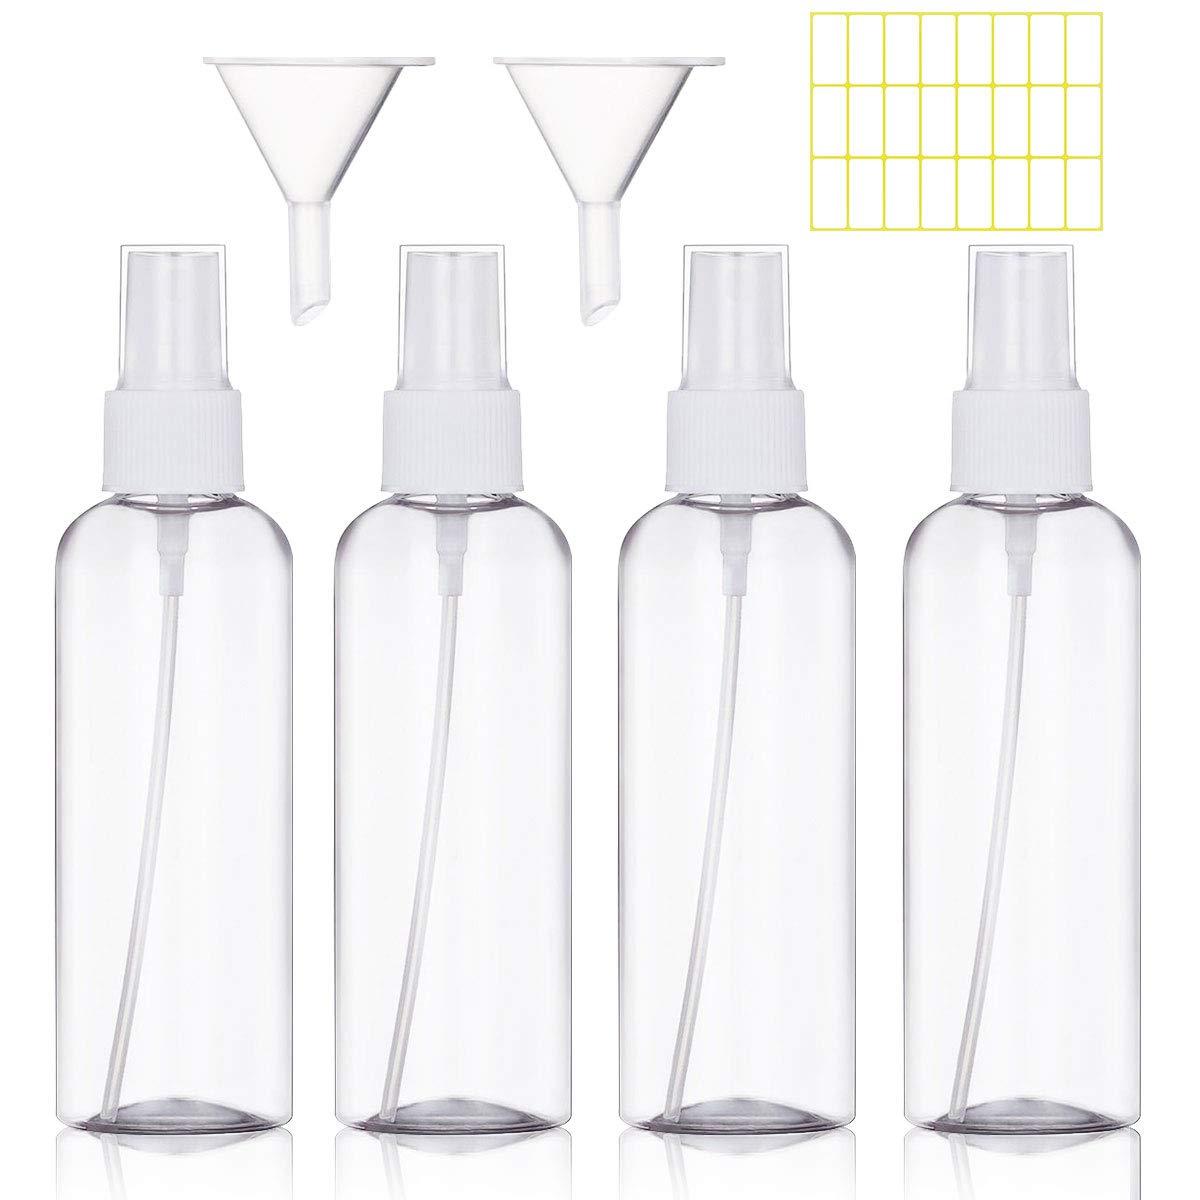 Spray Bottle Empty Plastic Transparent Fine Mist Travel Atomiser Spray Bottles Set (4 * 100ml,White)